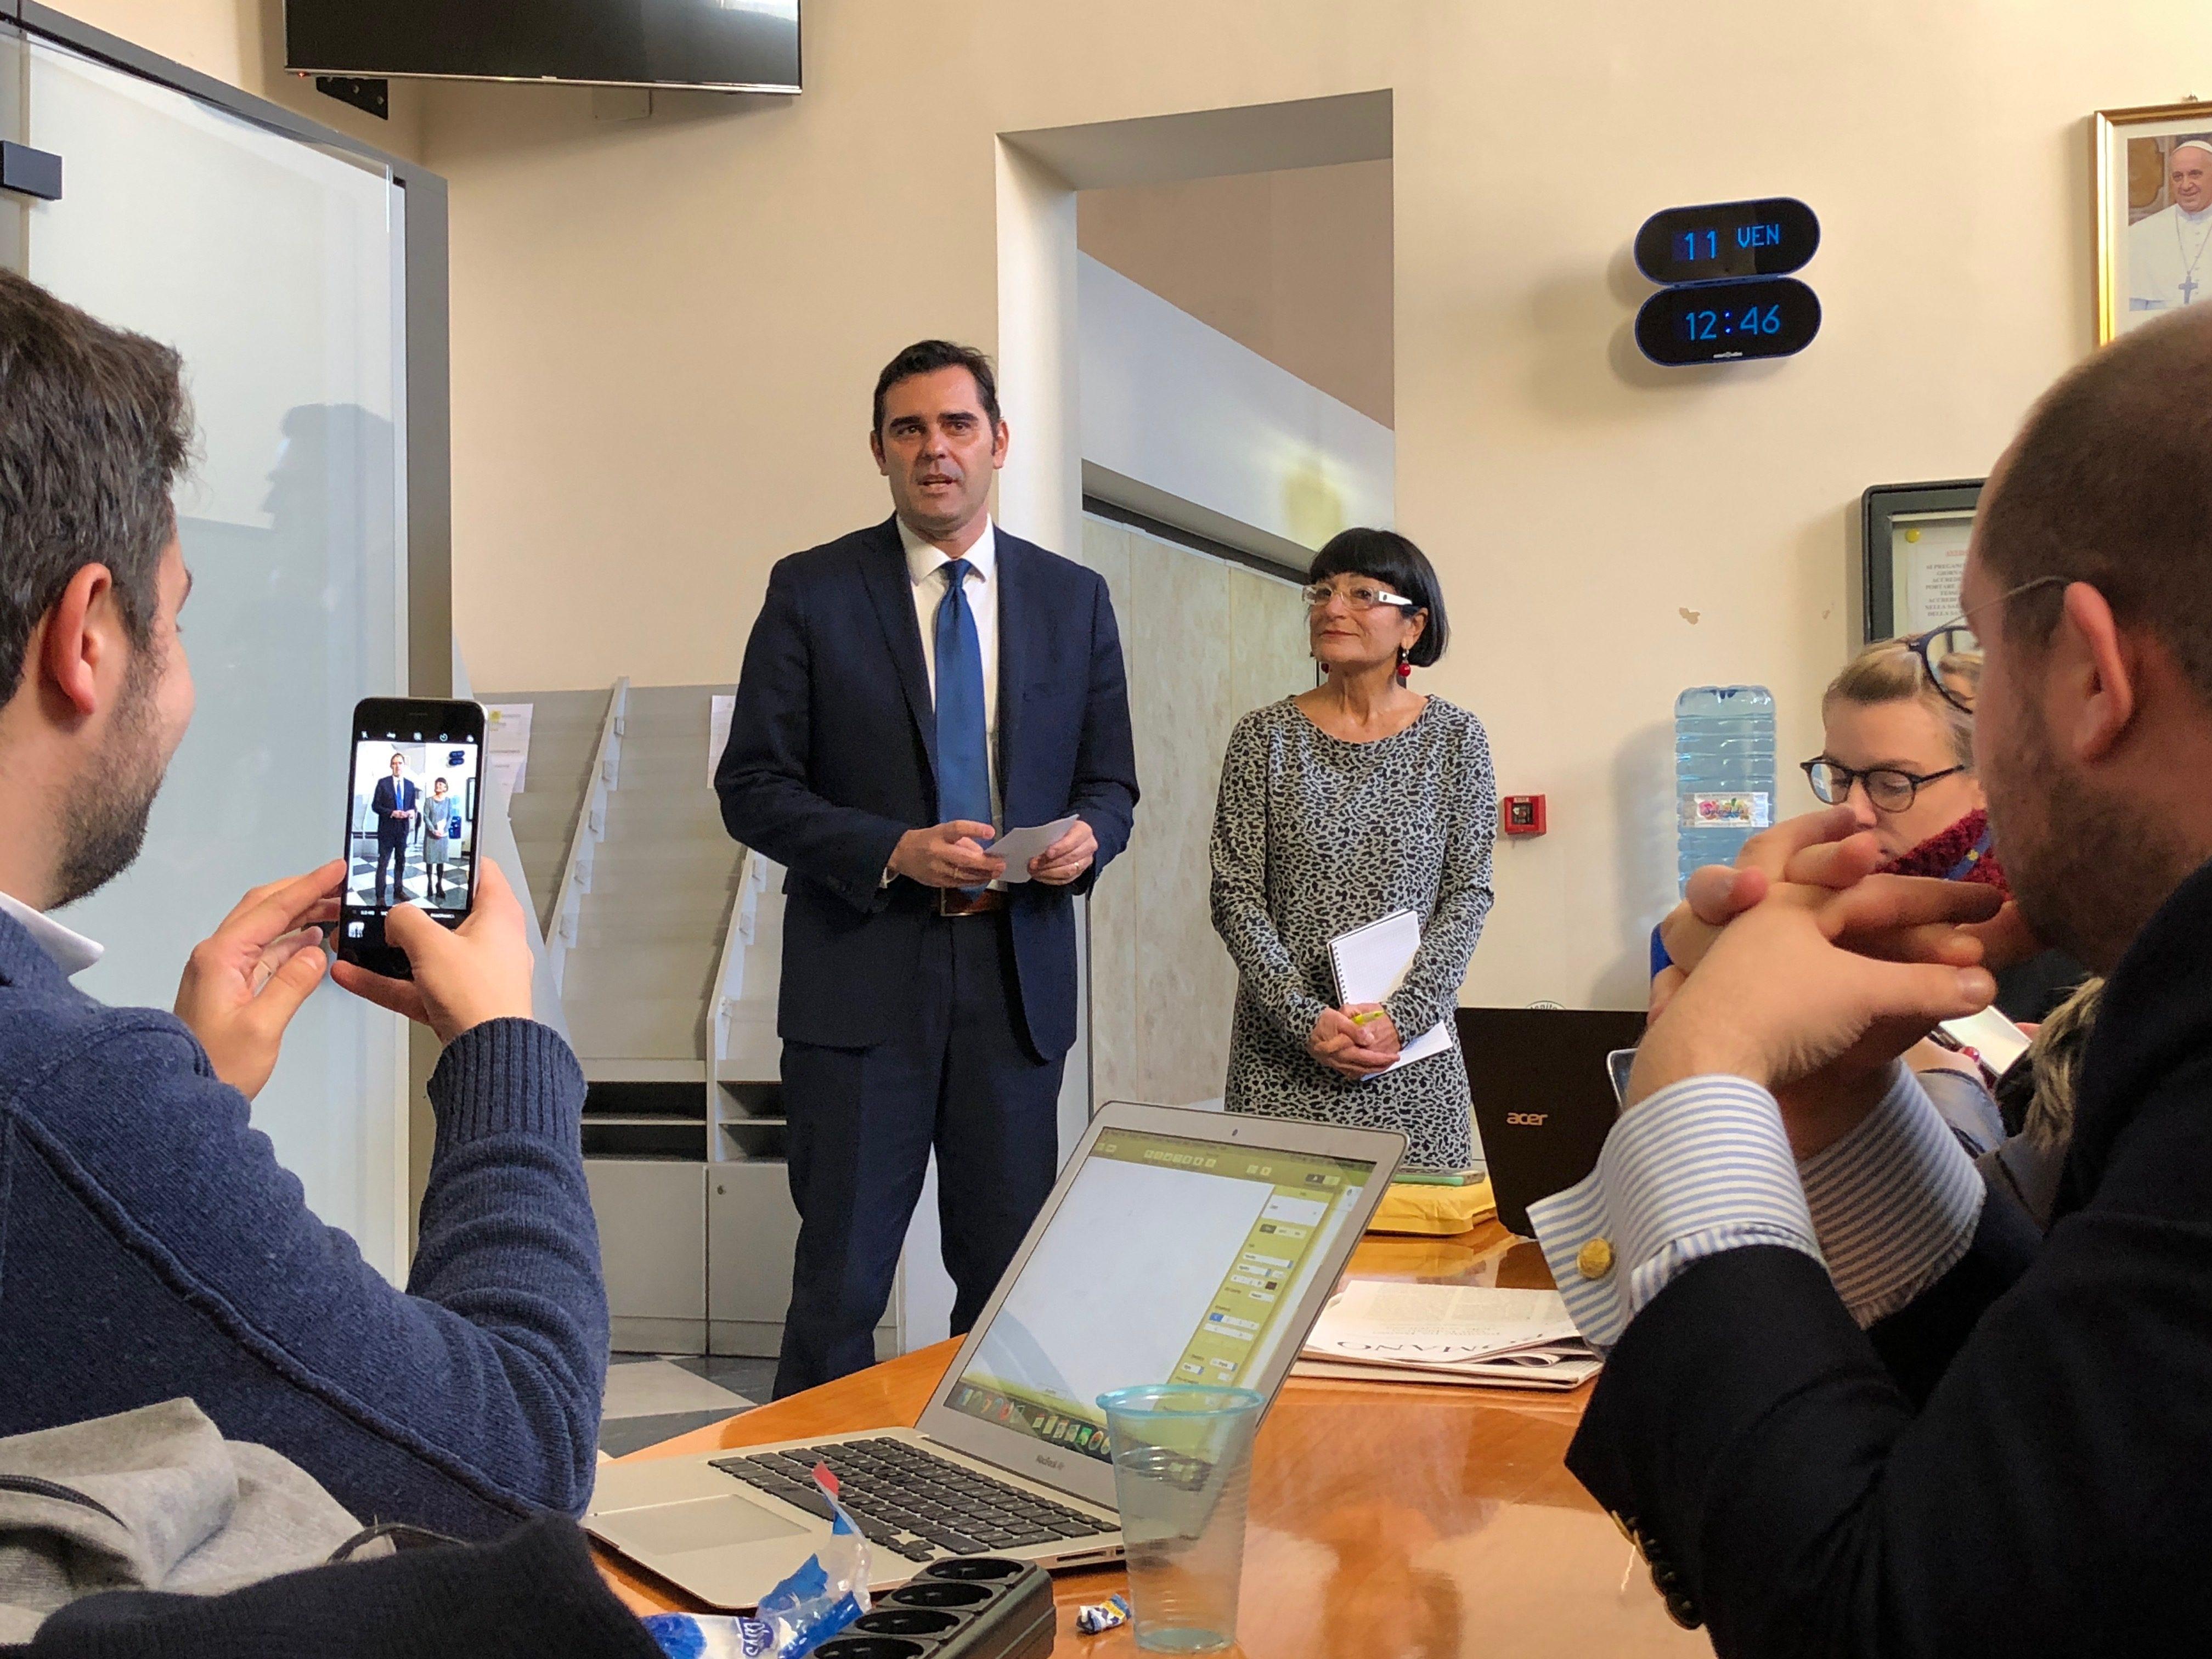 Alessandro Gisotti anuncia nuevos nombramientos en la Oficina de Prensa © Zenit/Deborah Lubov